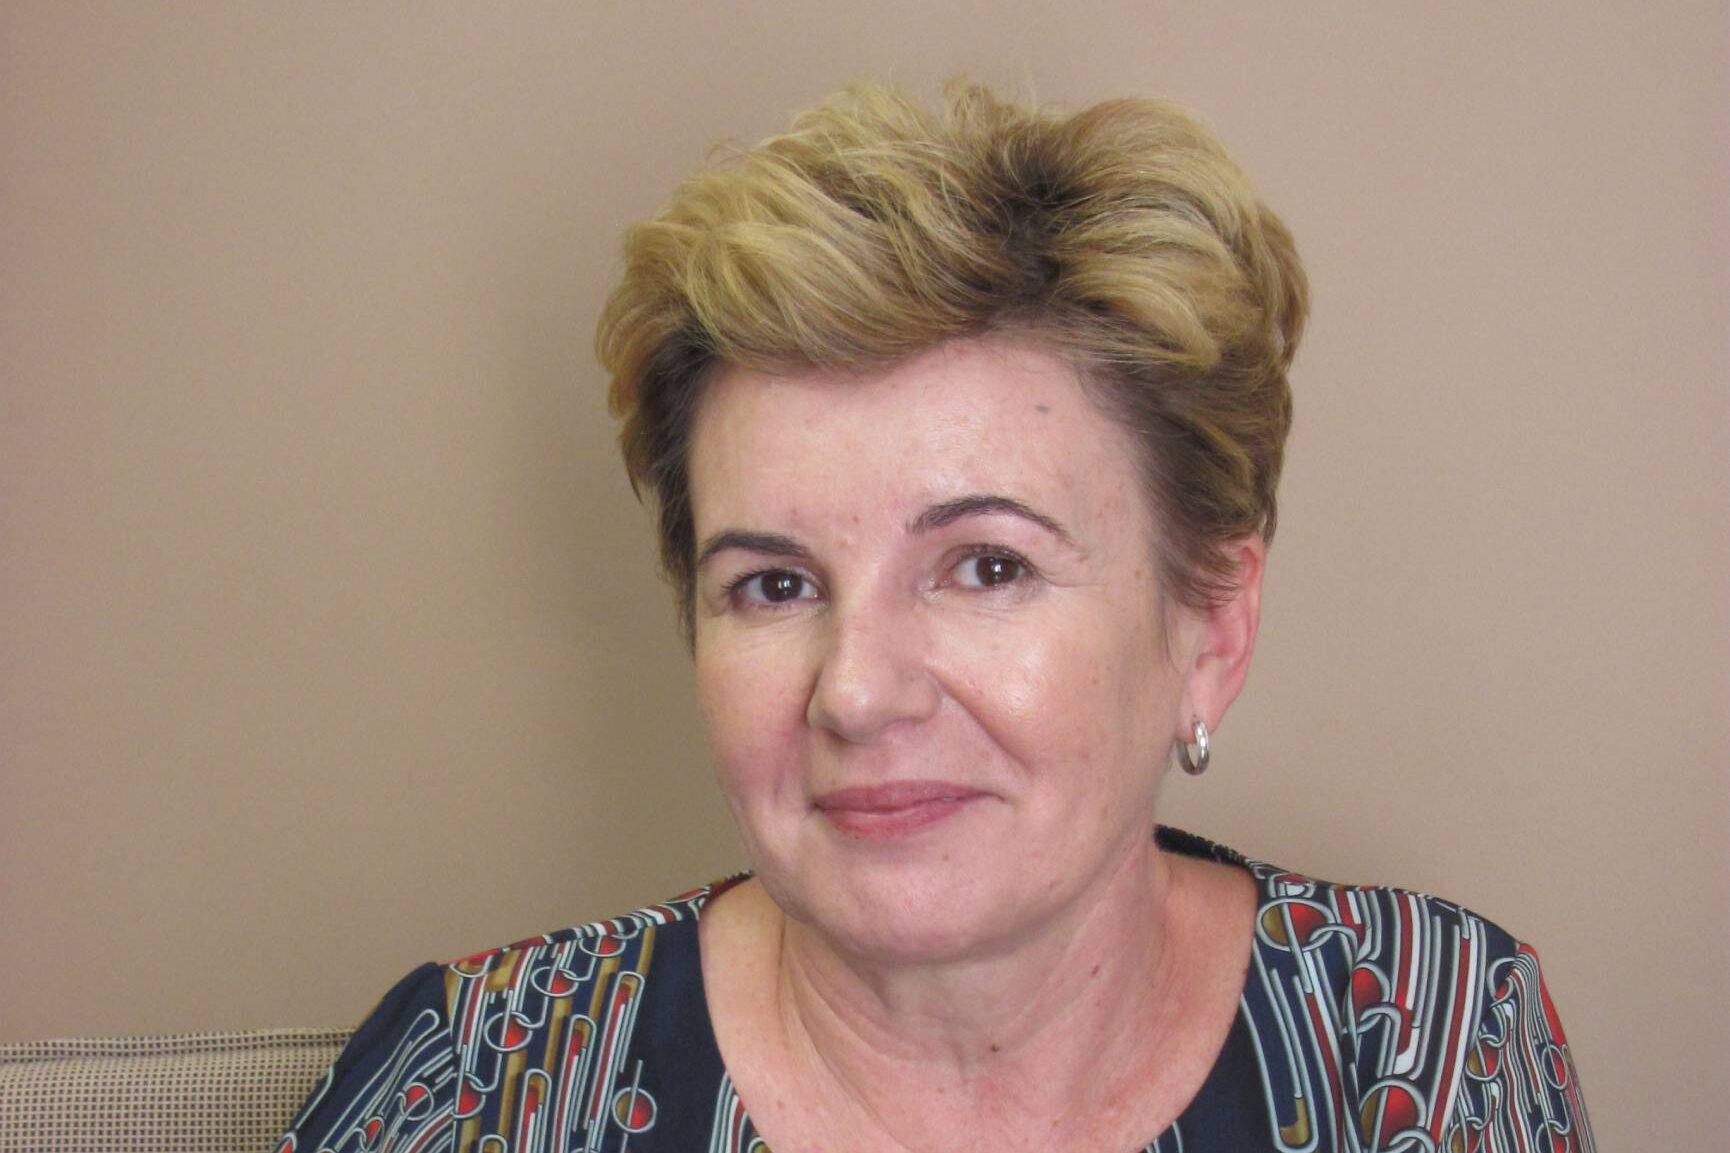 Po ciężkiej chorobie zmarła Nasza koleżanka Jolanta Mazurkiewicz